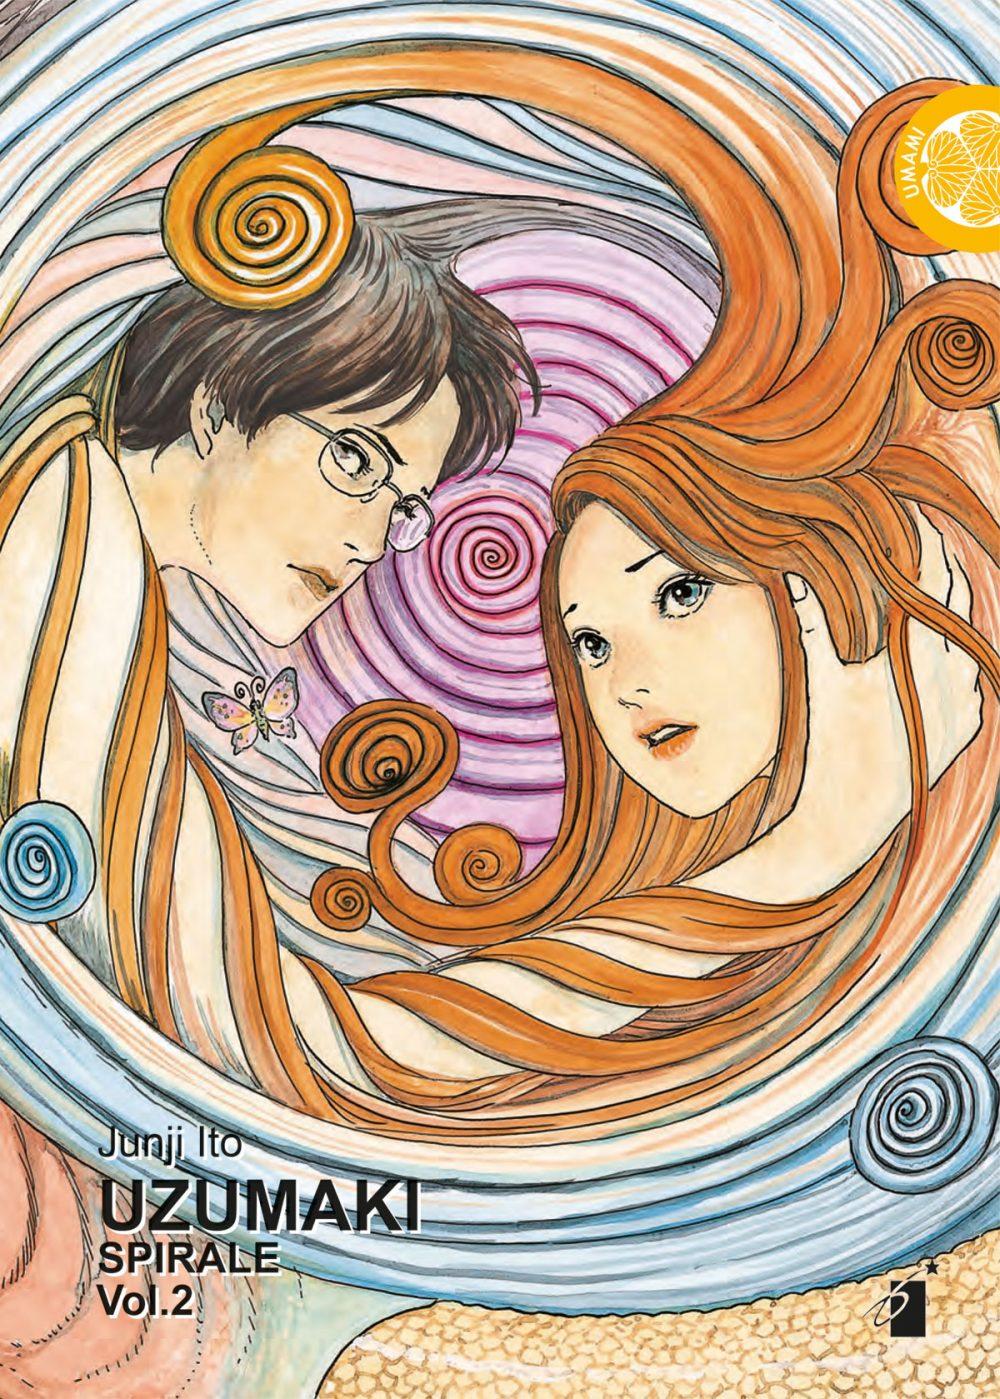 Uzumaki - Spirale vol. 2, copertina di Junji Ito